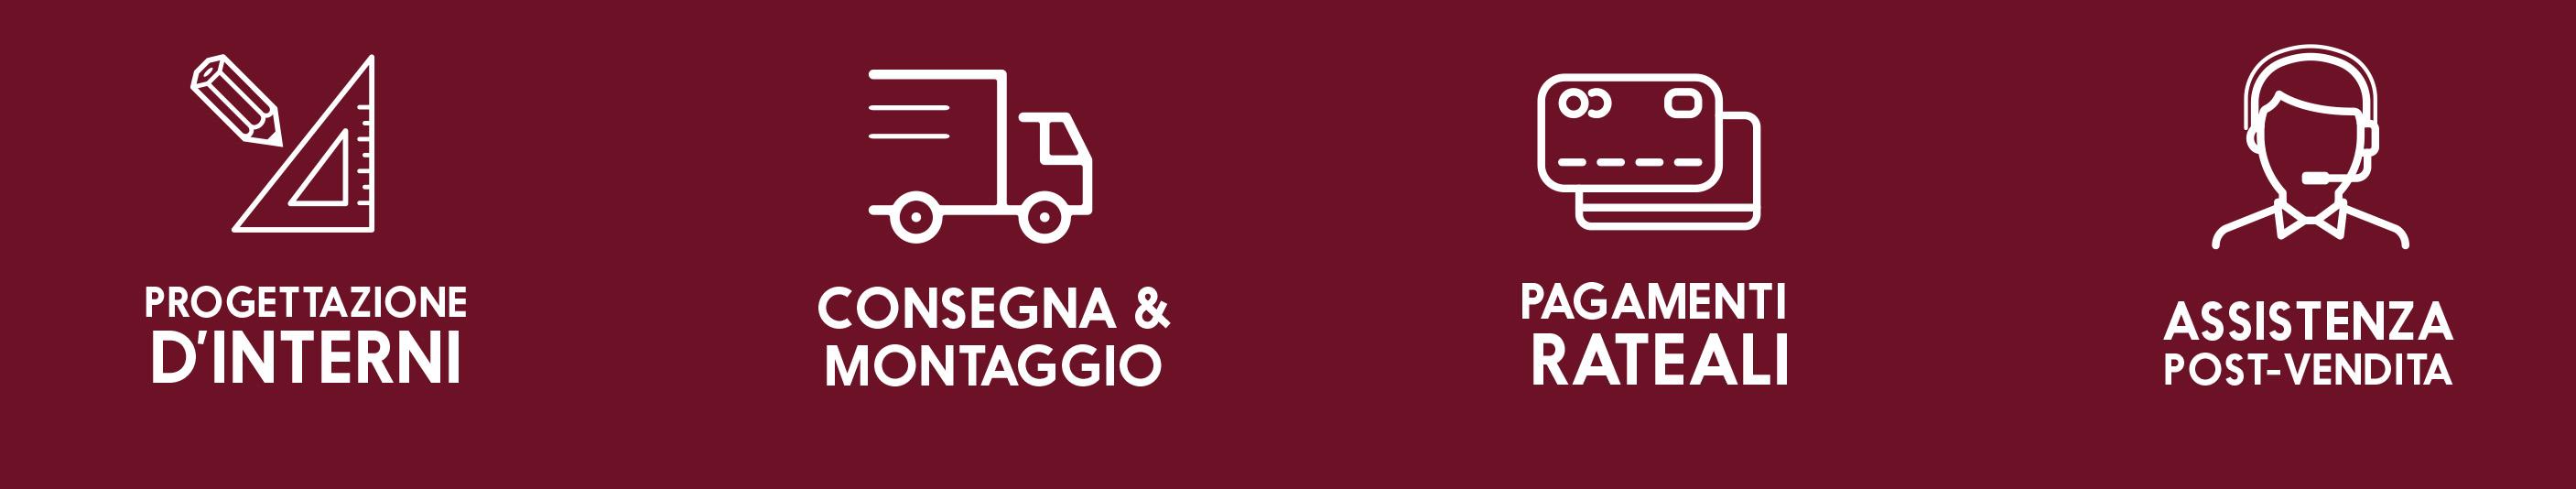 Servizi Gambula Arredamenti - Negozio di arredamenti nel Sulcis Iglesiente - Sardegna